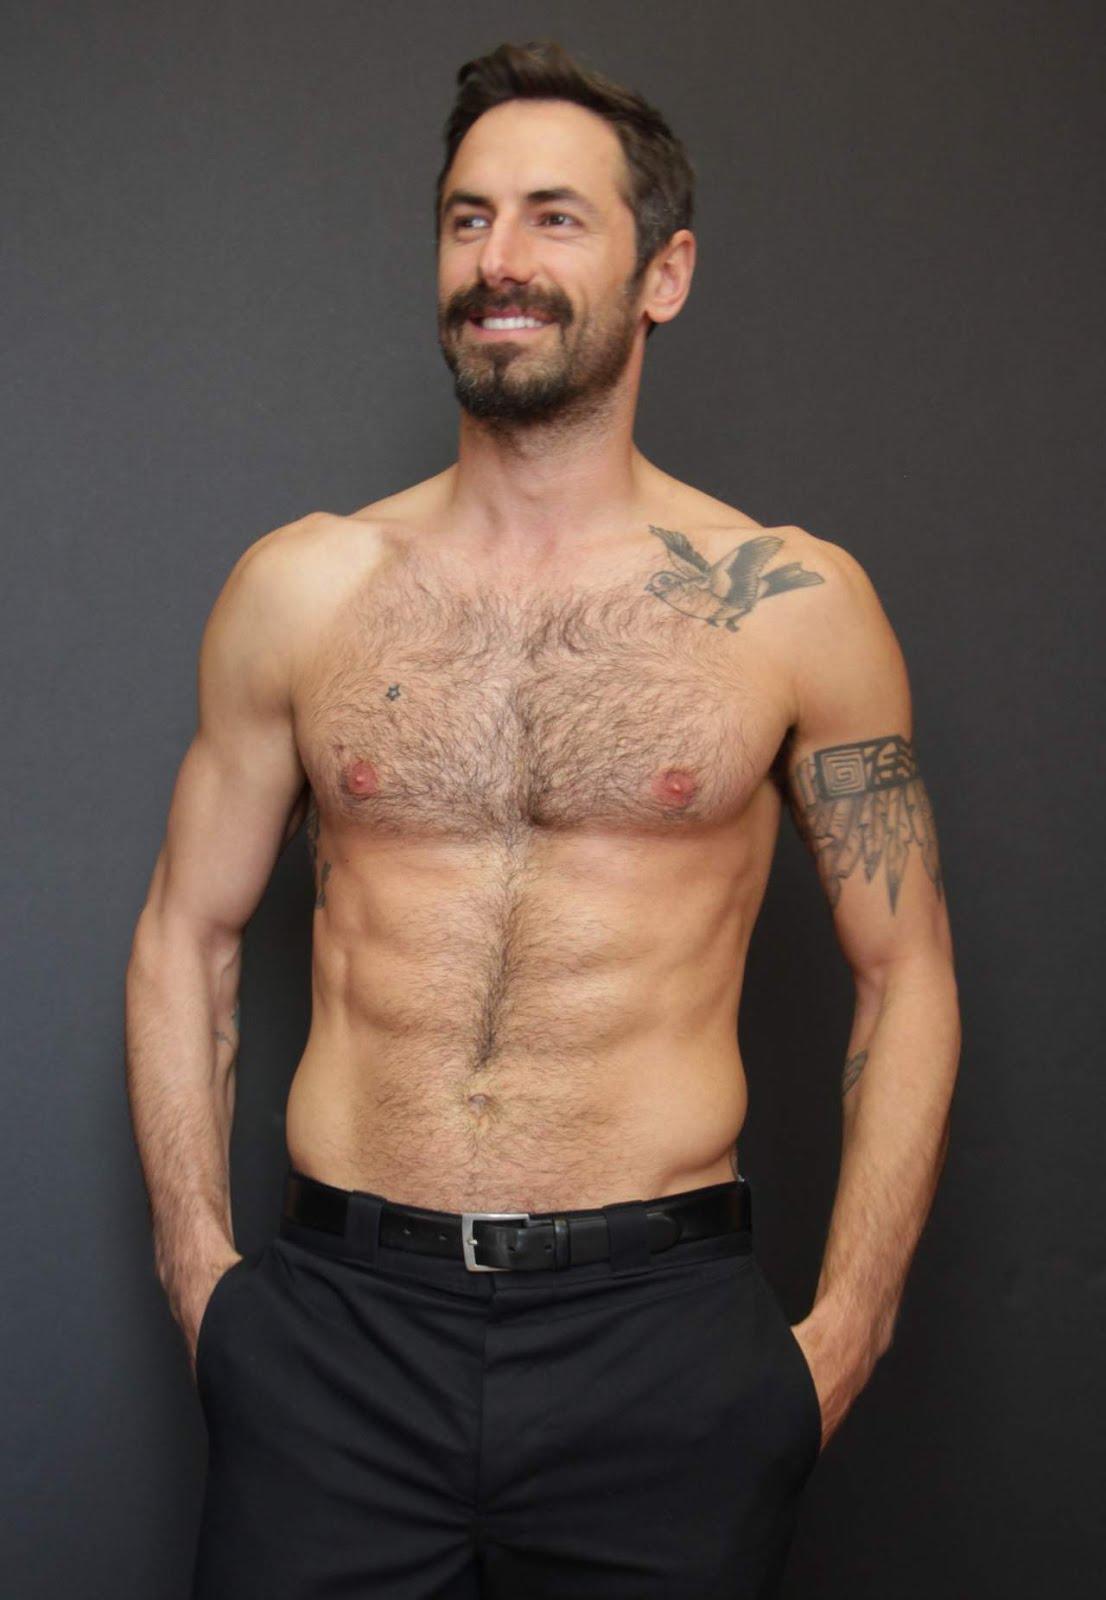 foto de Shirtless Men On The Blog: Josh Wald Shirtless